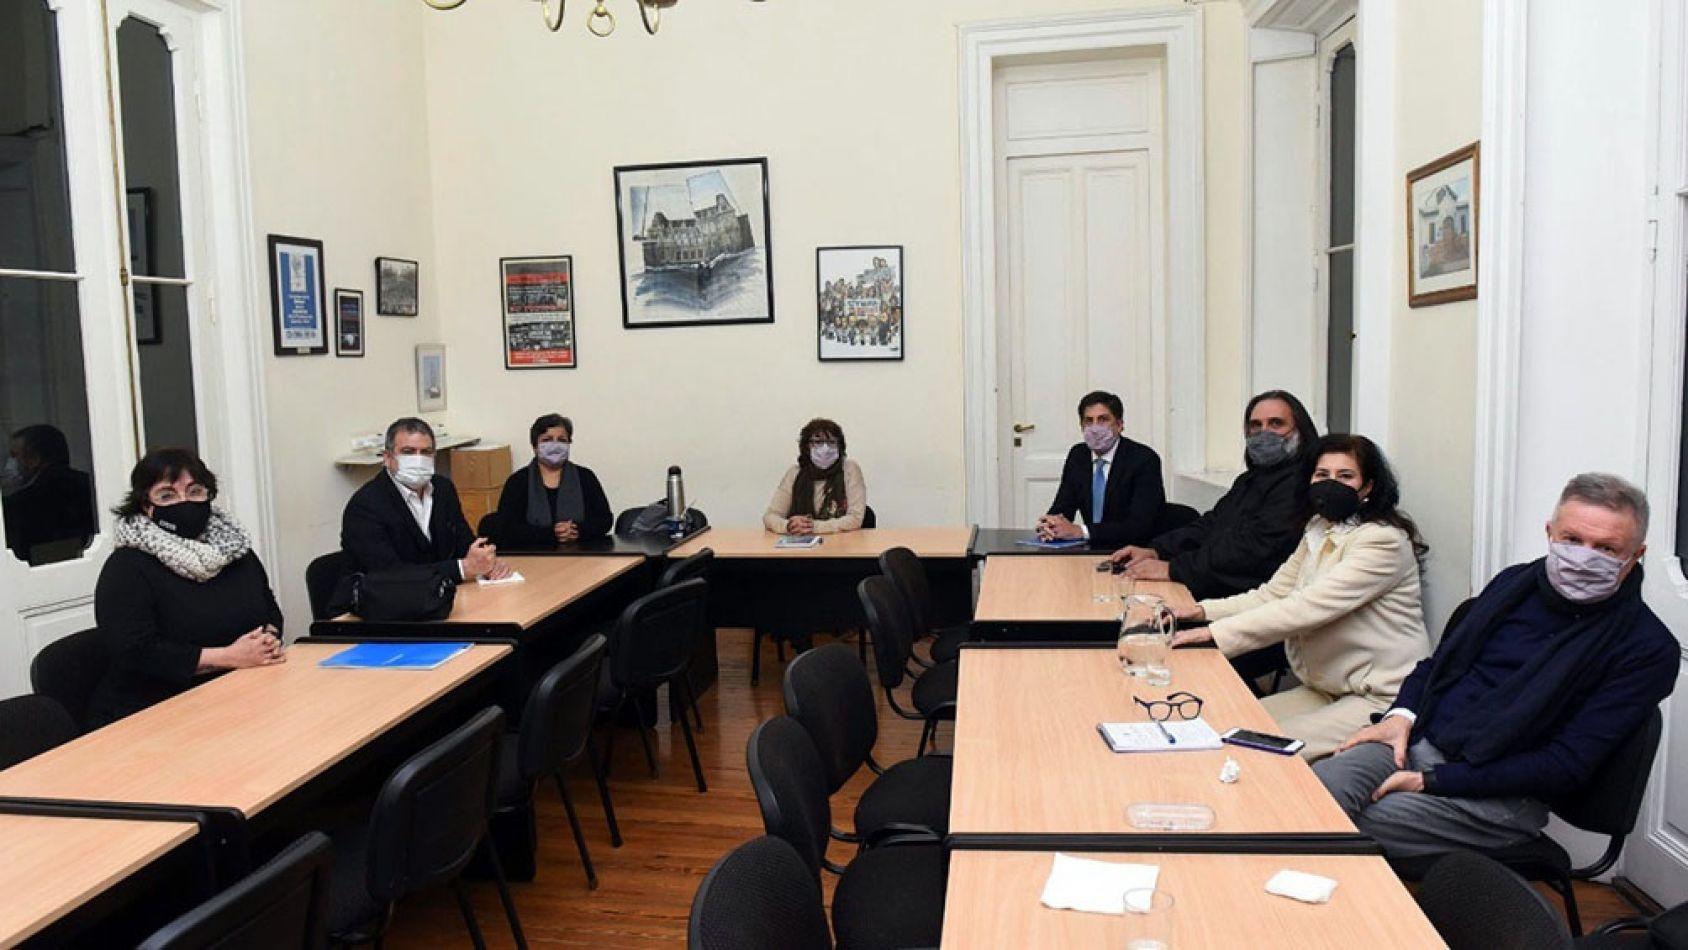 Nación convoca a una negociación paritaria docente para el 9 de agosto y podría marcarle la cancha a Salta